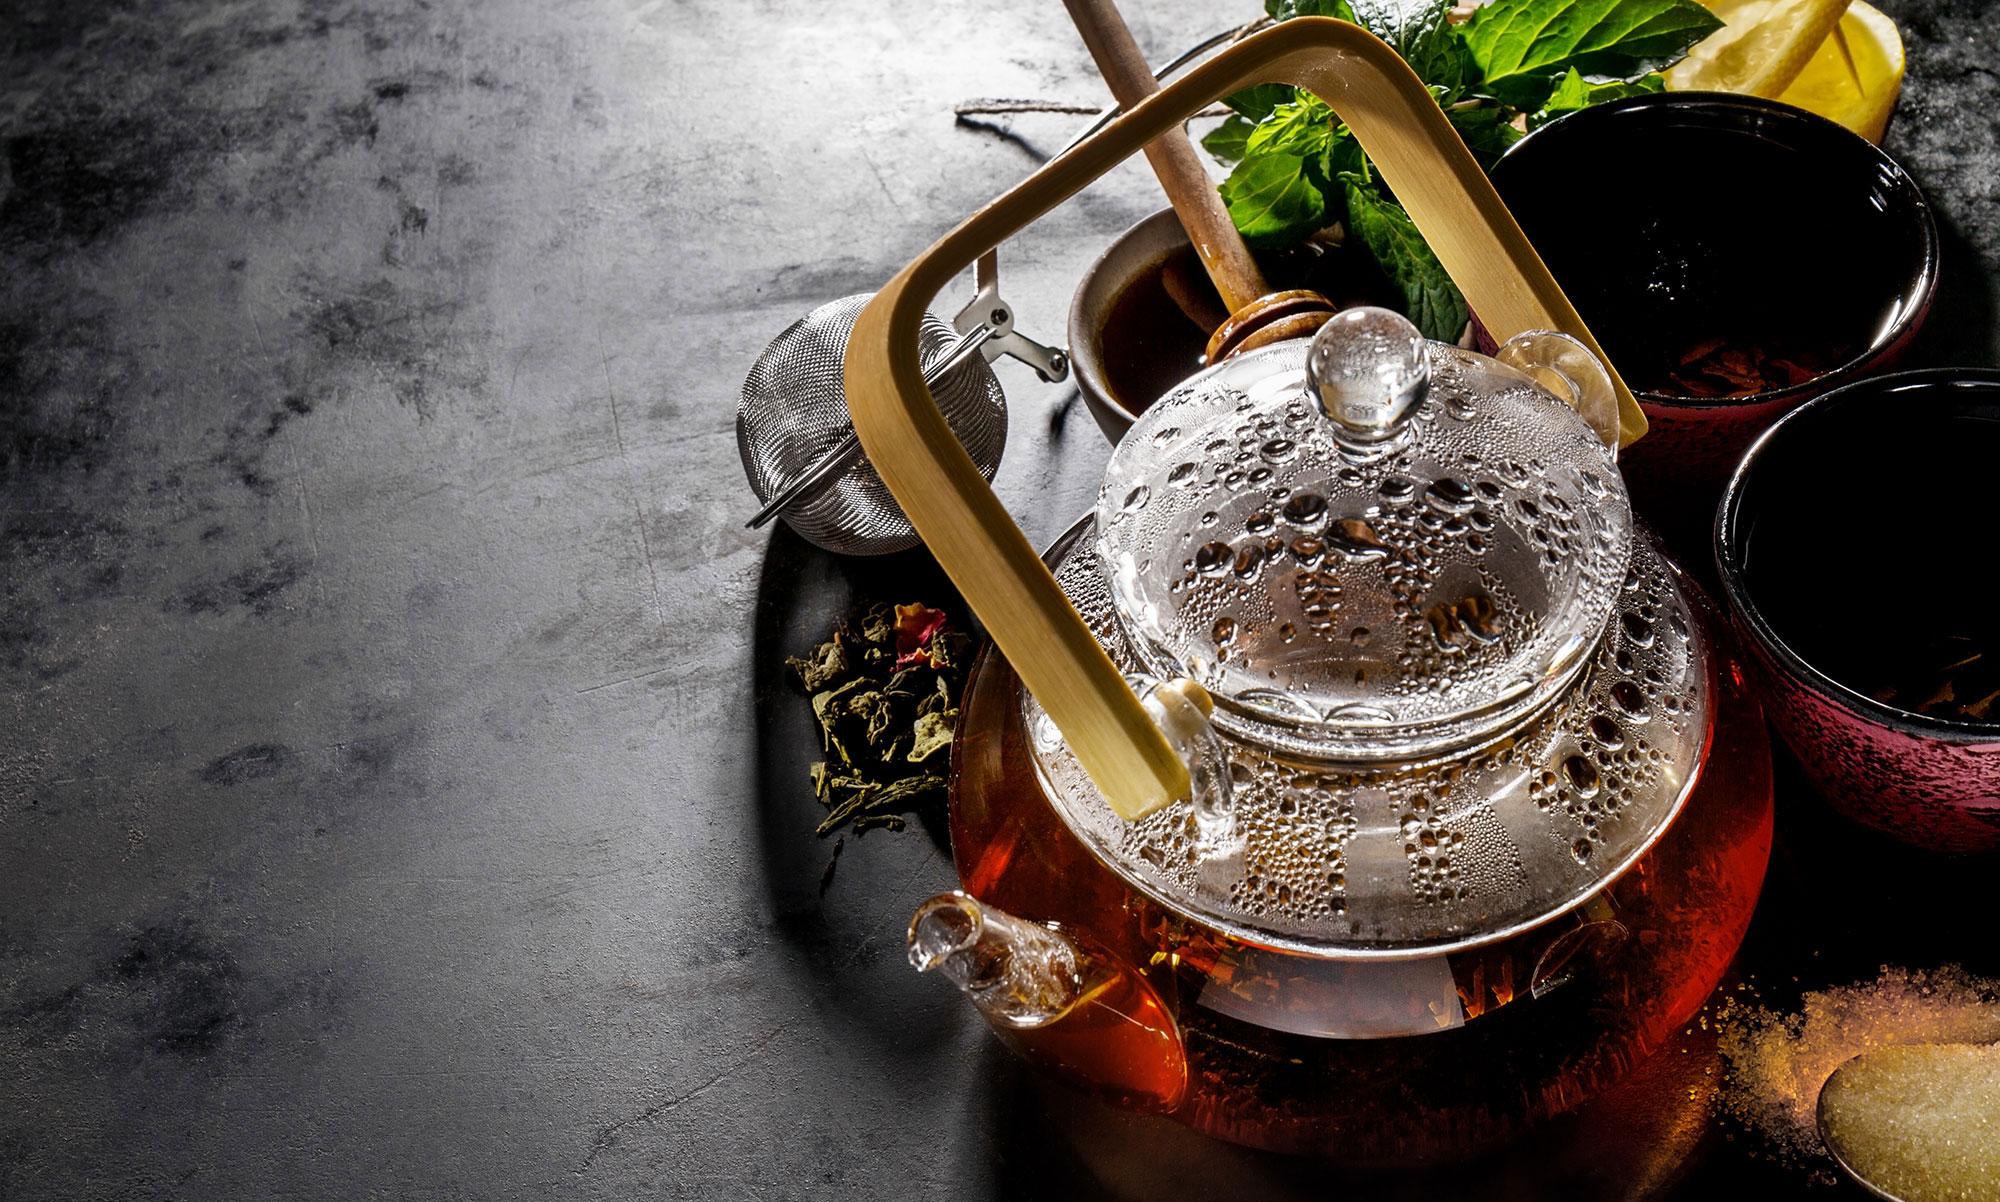 چای گیاهی یا دمنوش گیاهی؟